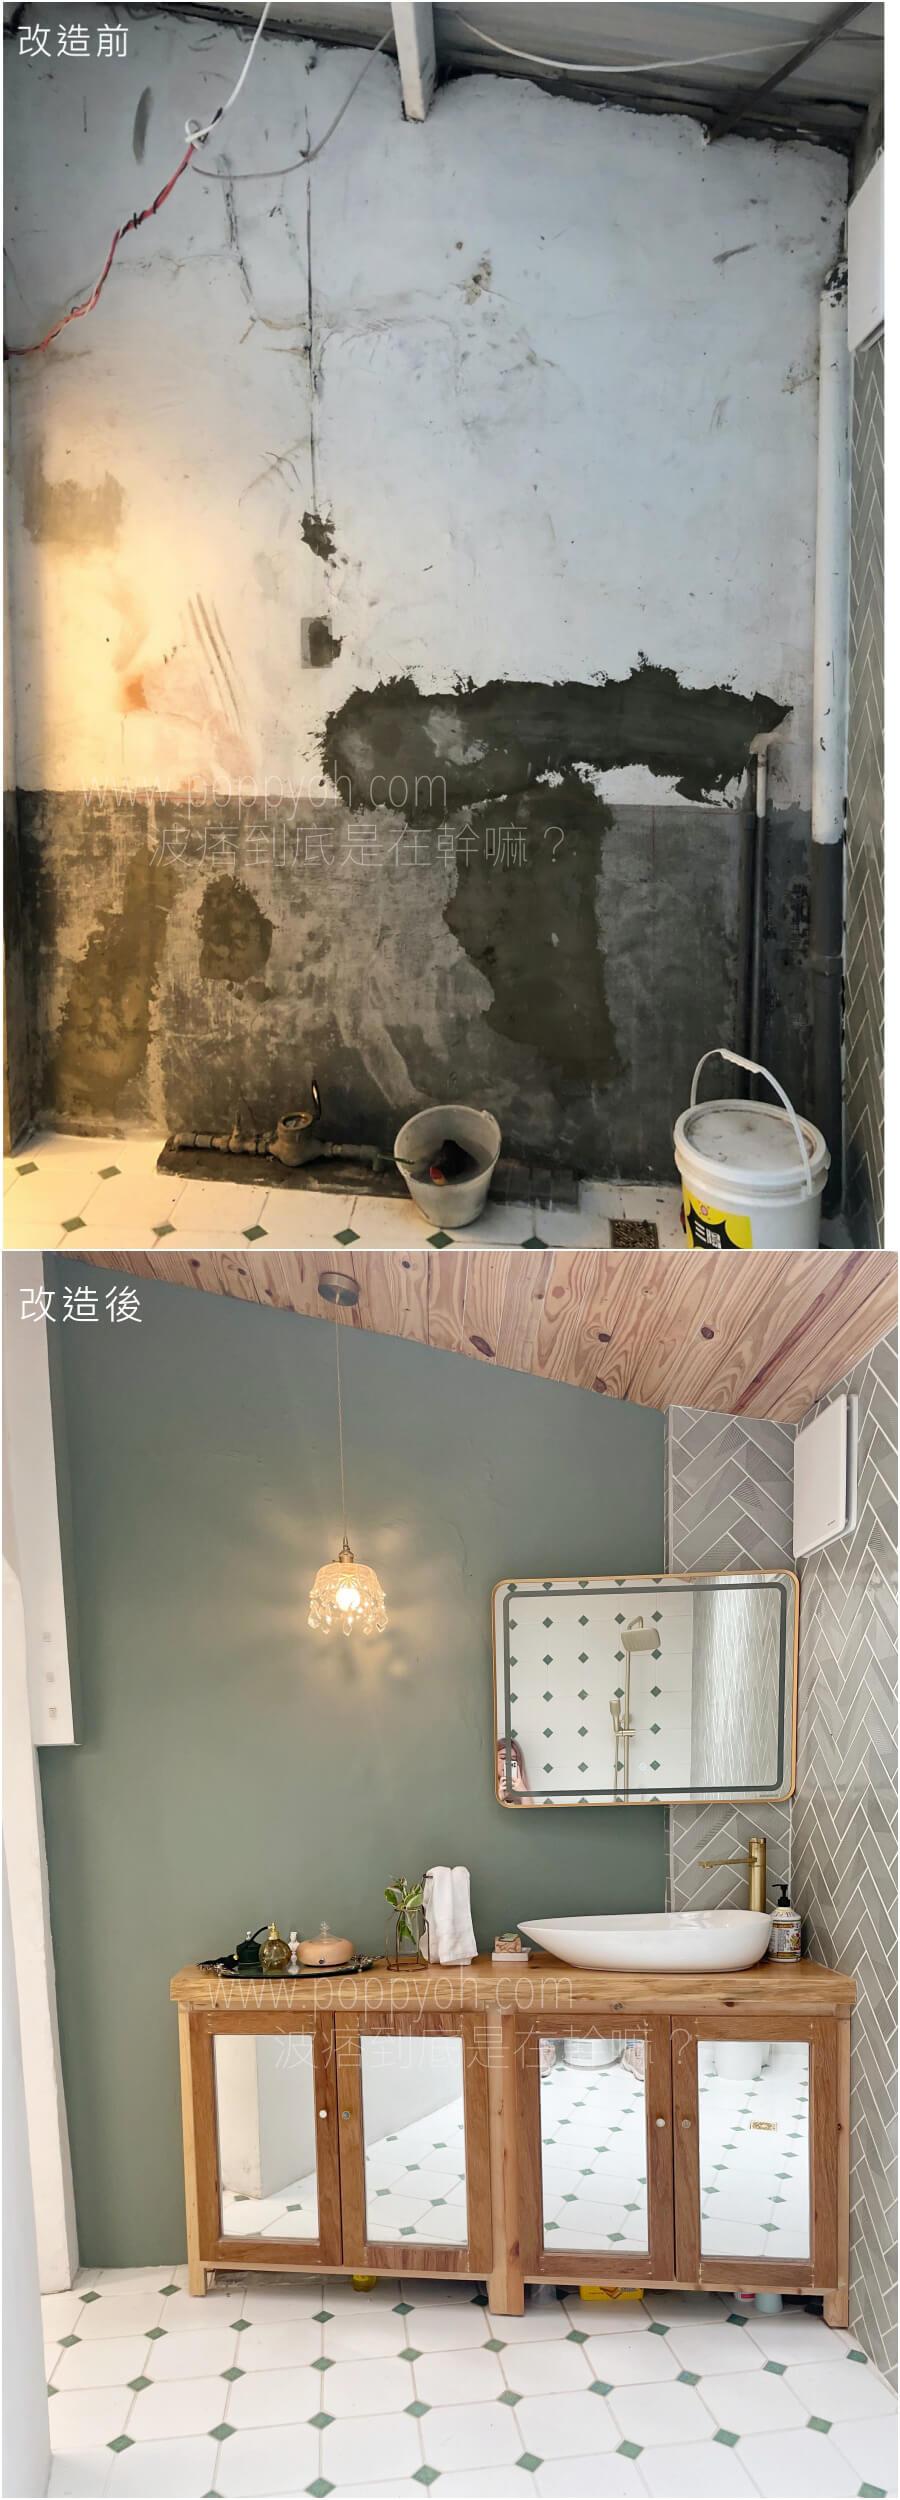 居家改造 浴室 廁所 裝潢 翻修 DIY